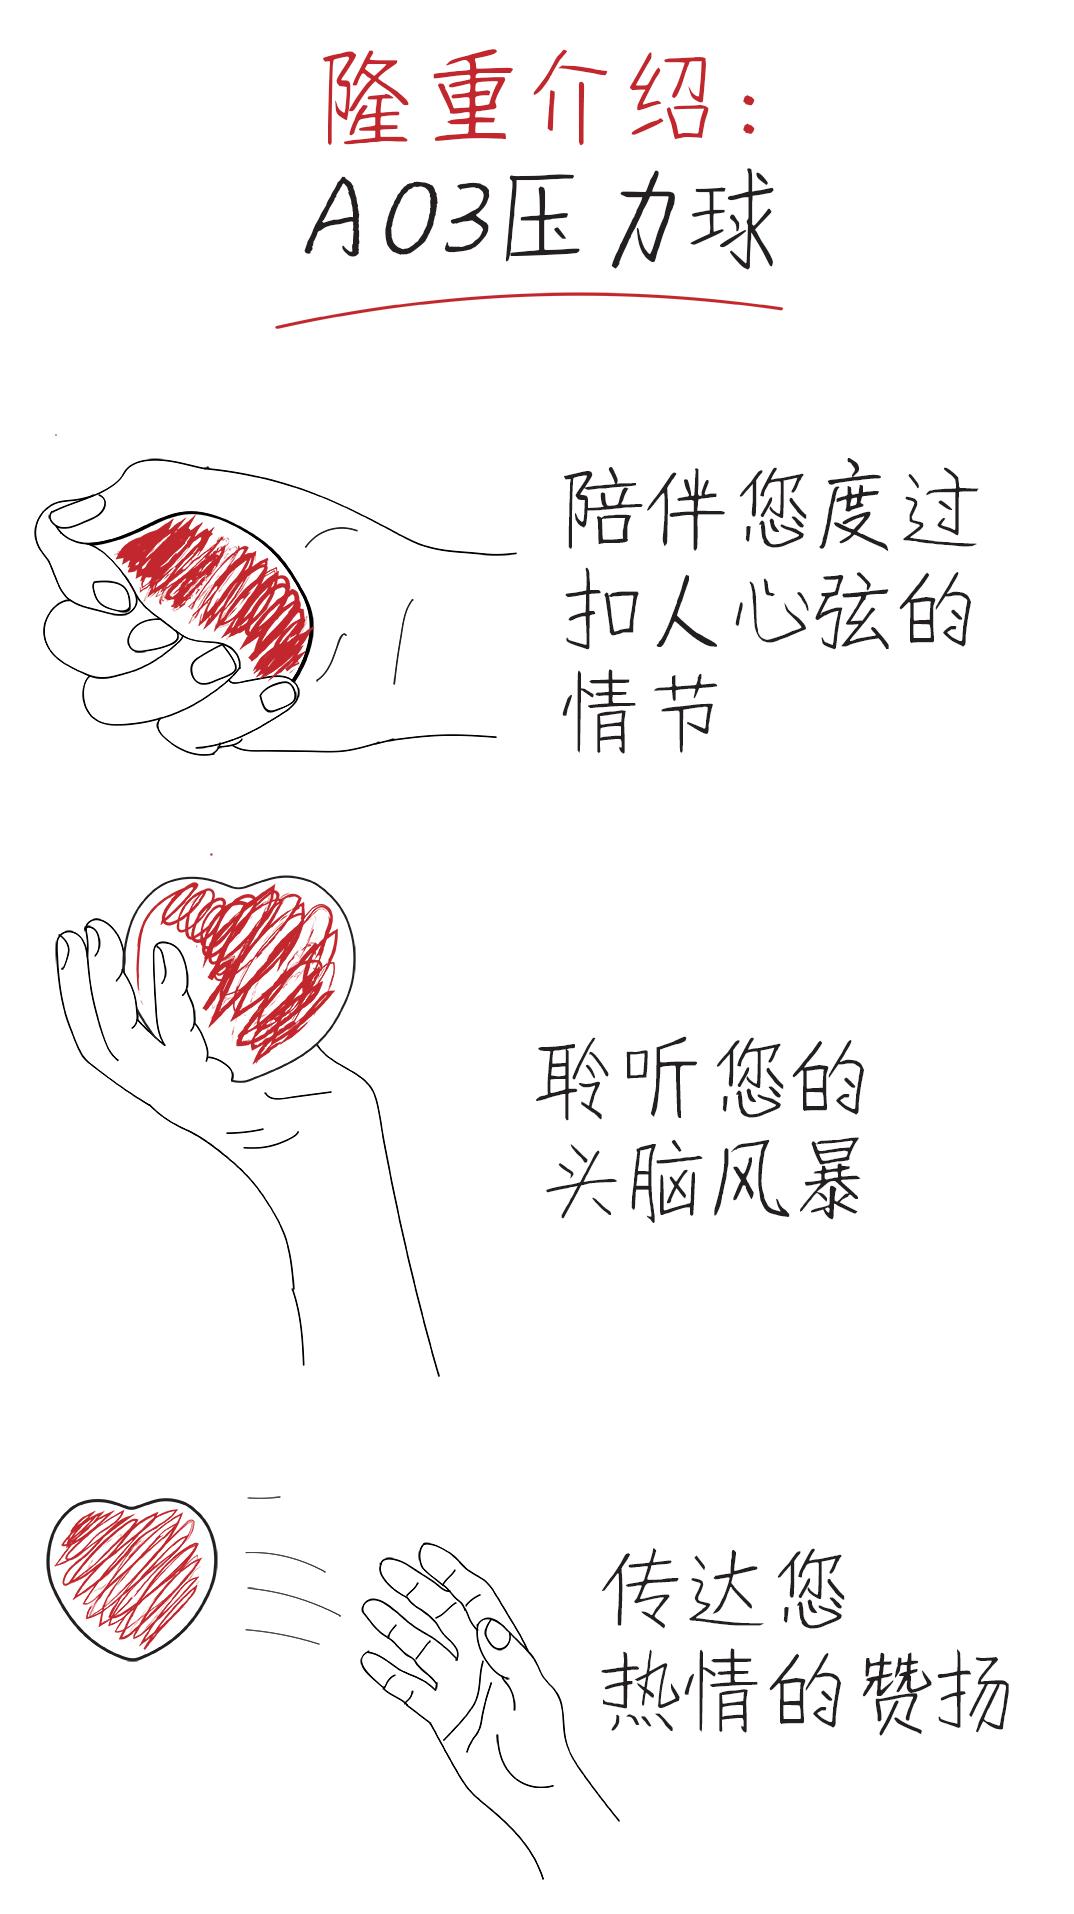 图片展示压力球的数种潜在用途,附字: